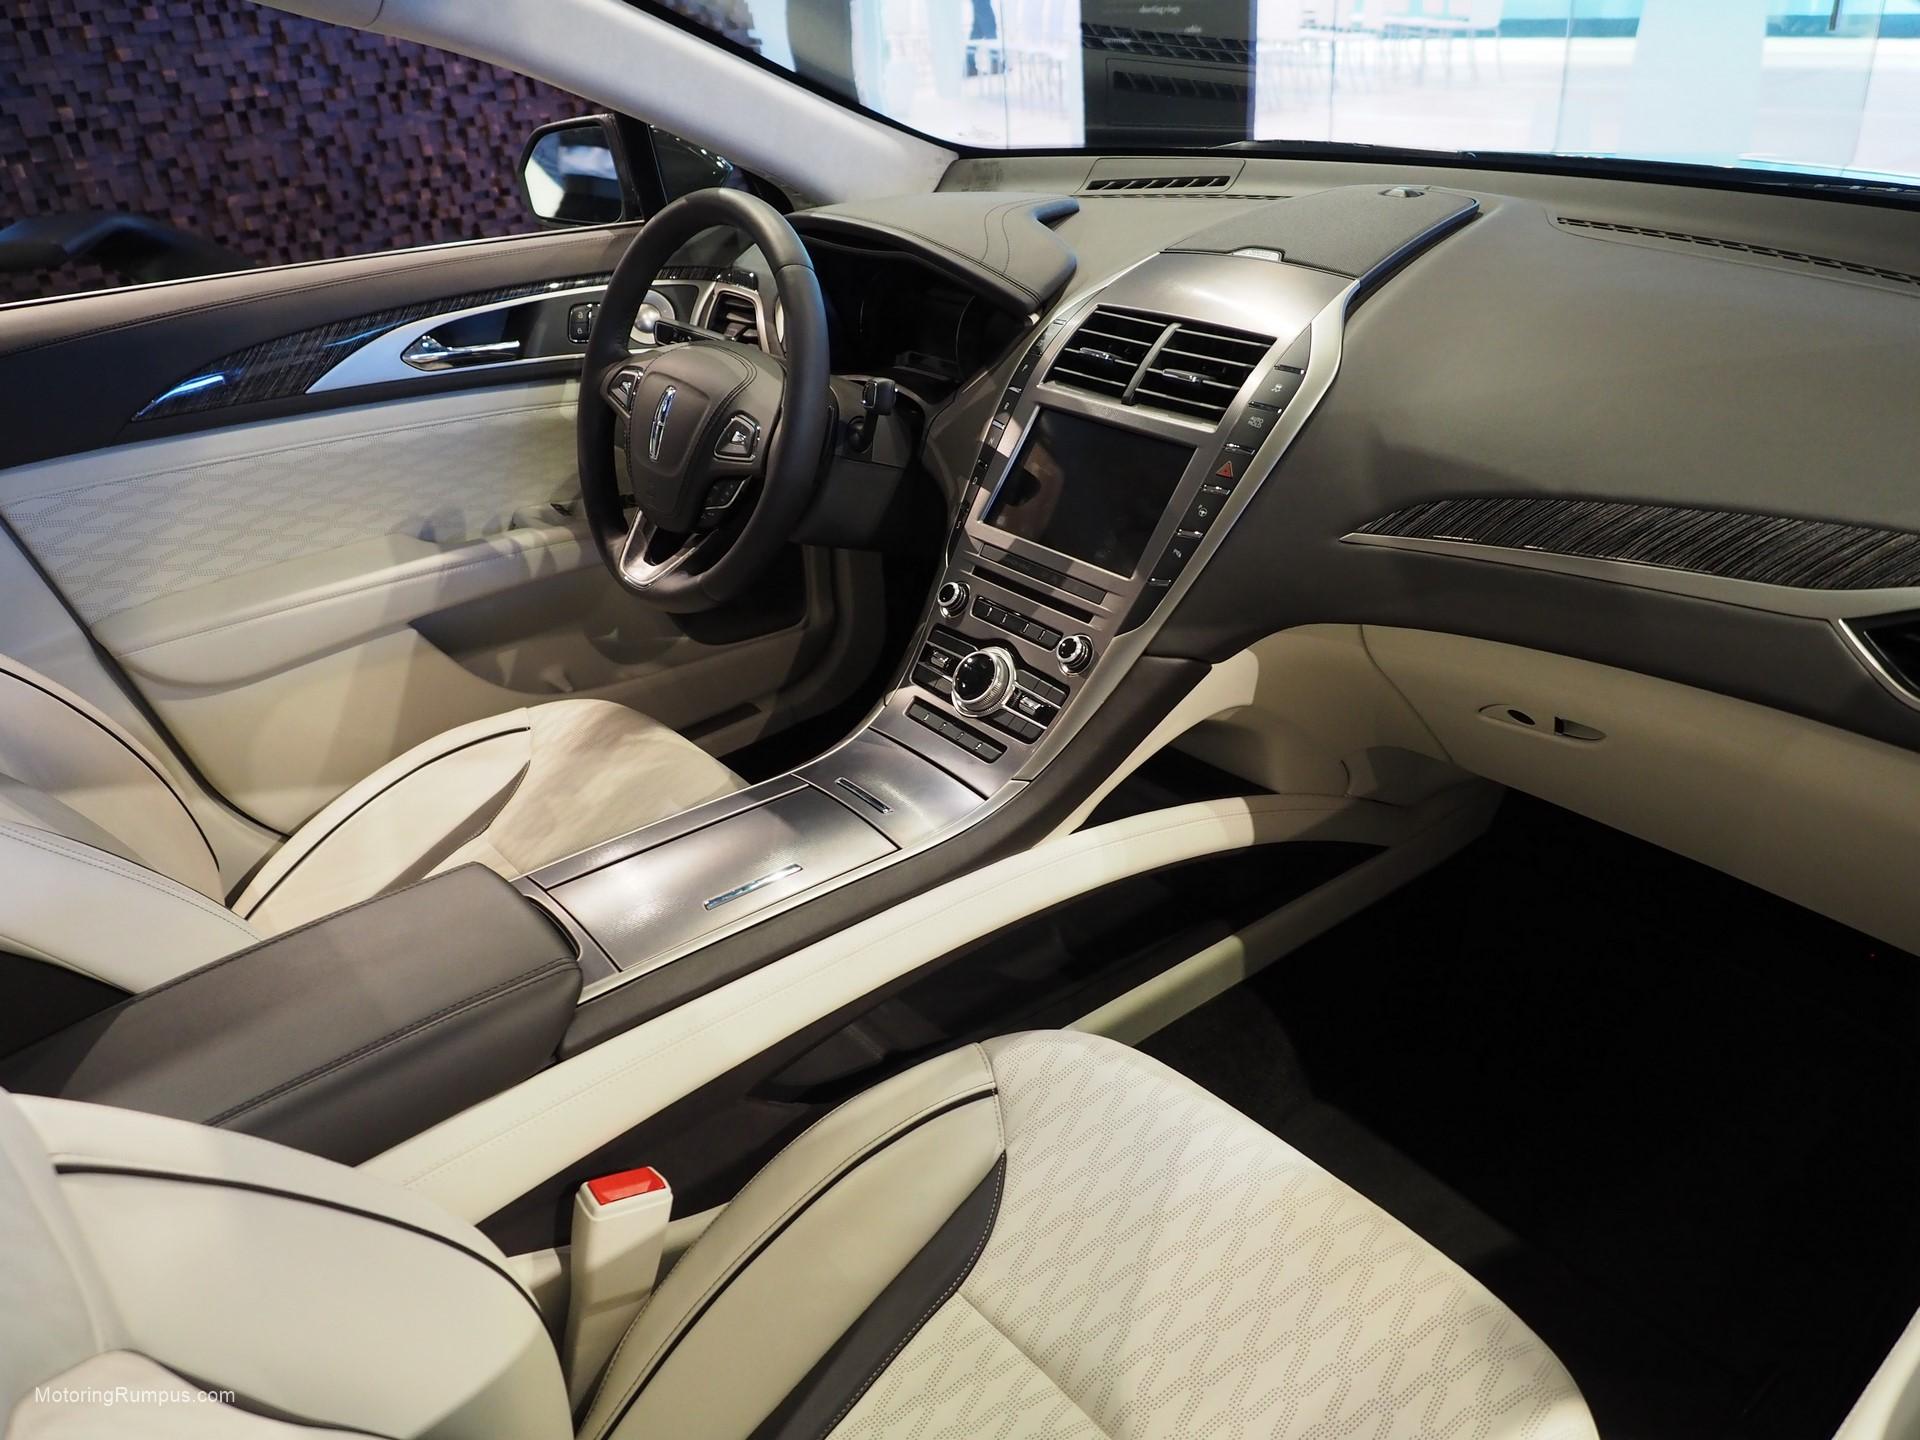 Naias Lincoln Mkz Interior